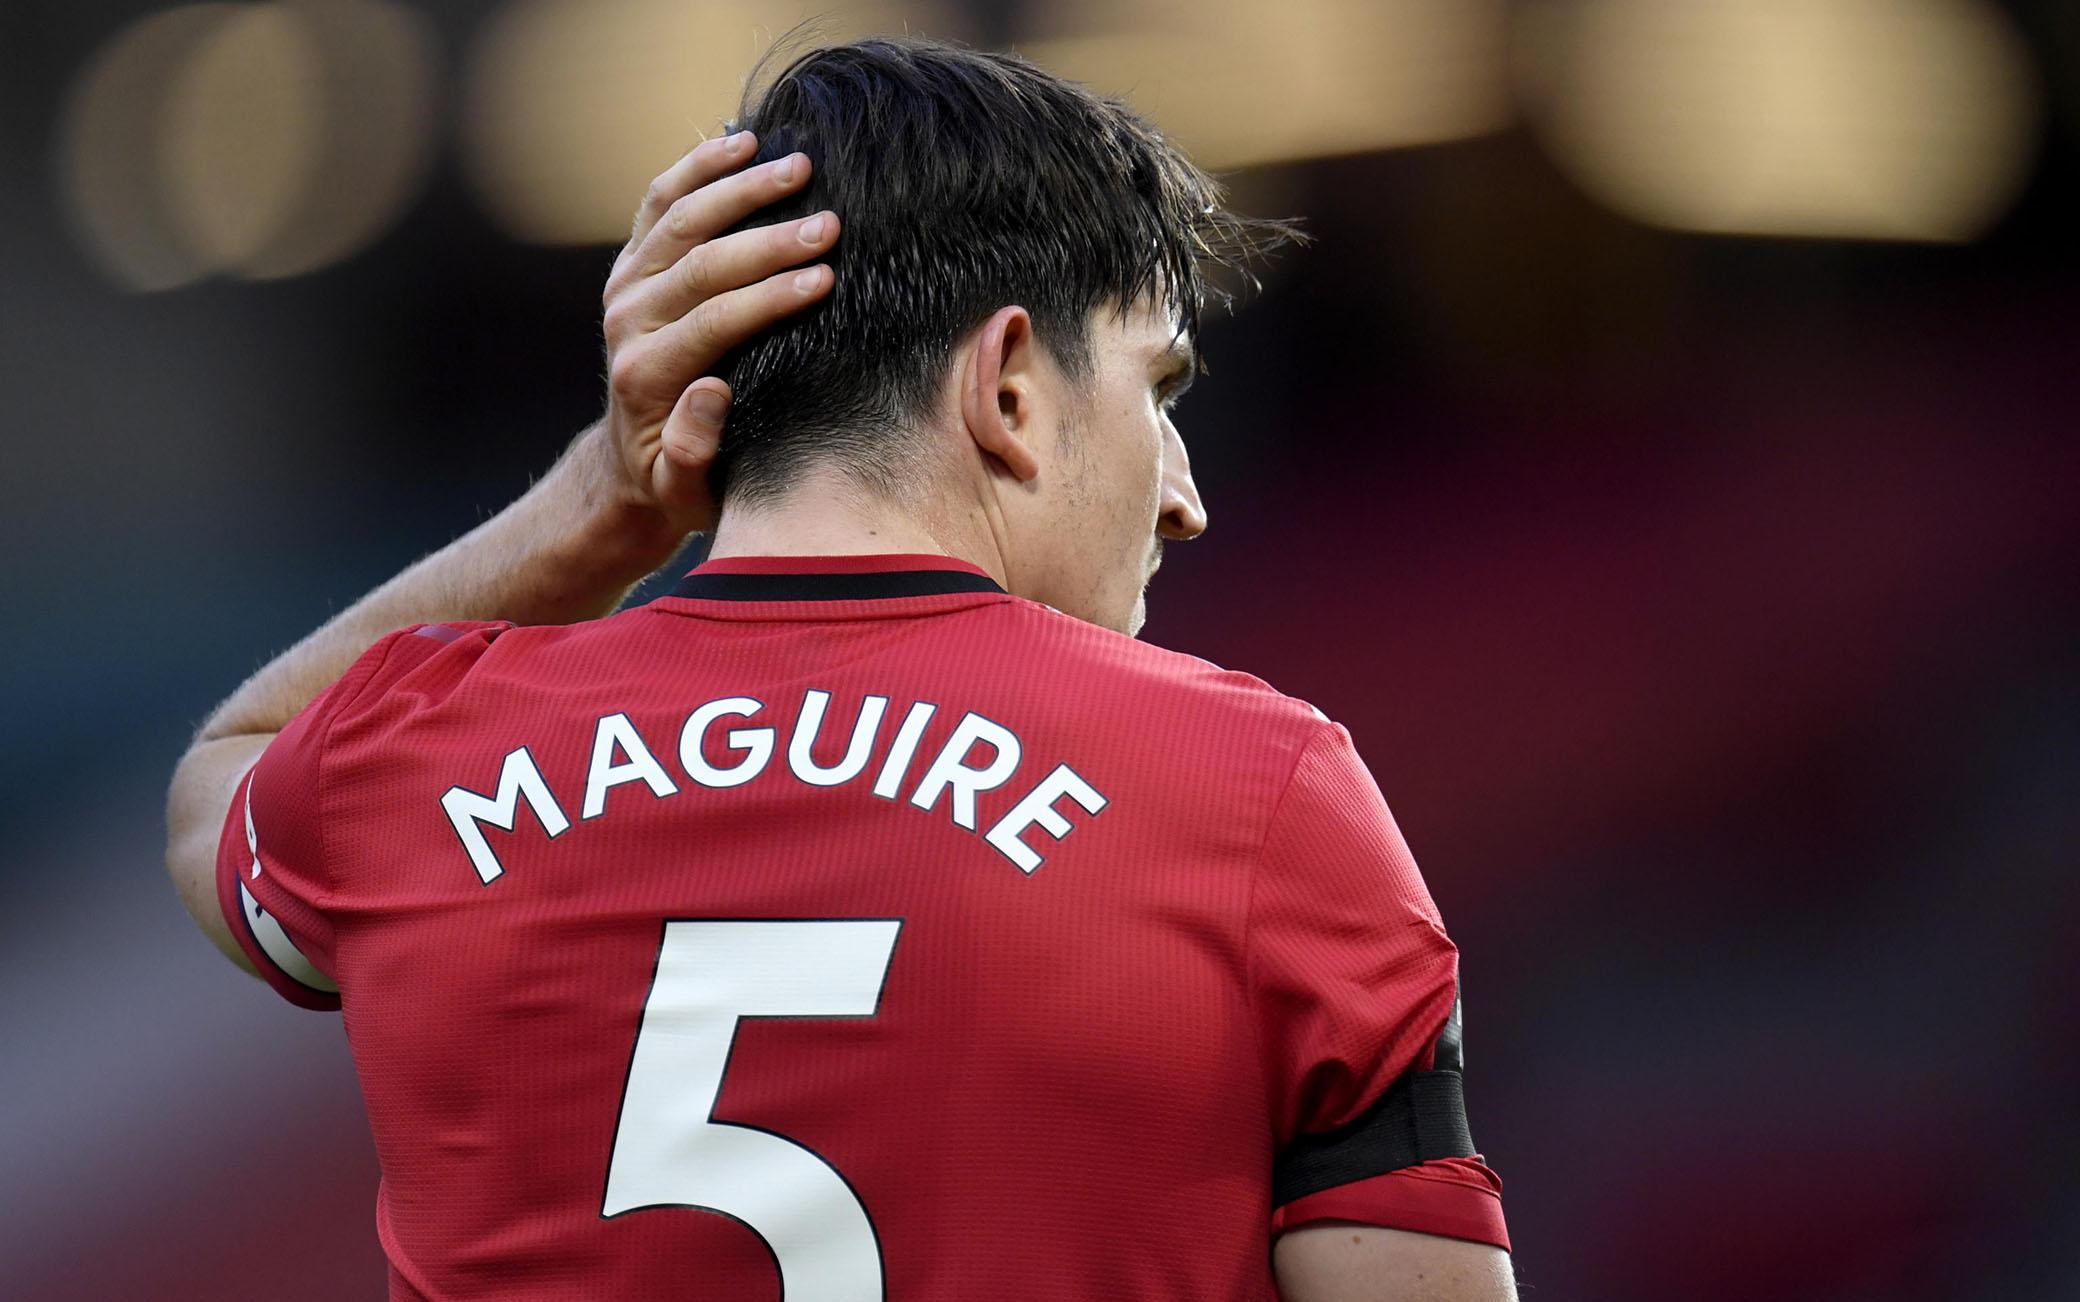 """Incubo per Maguire a Mykonos: """"Non devo chiedere scusa a nessuno"""""""